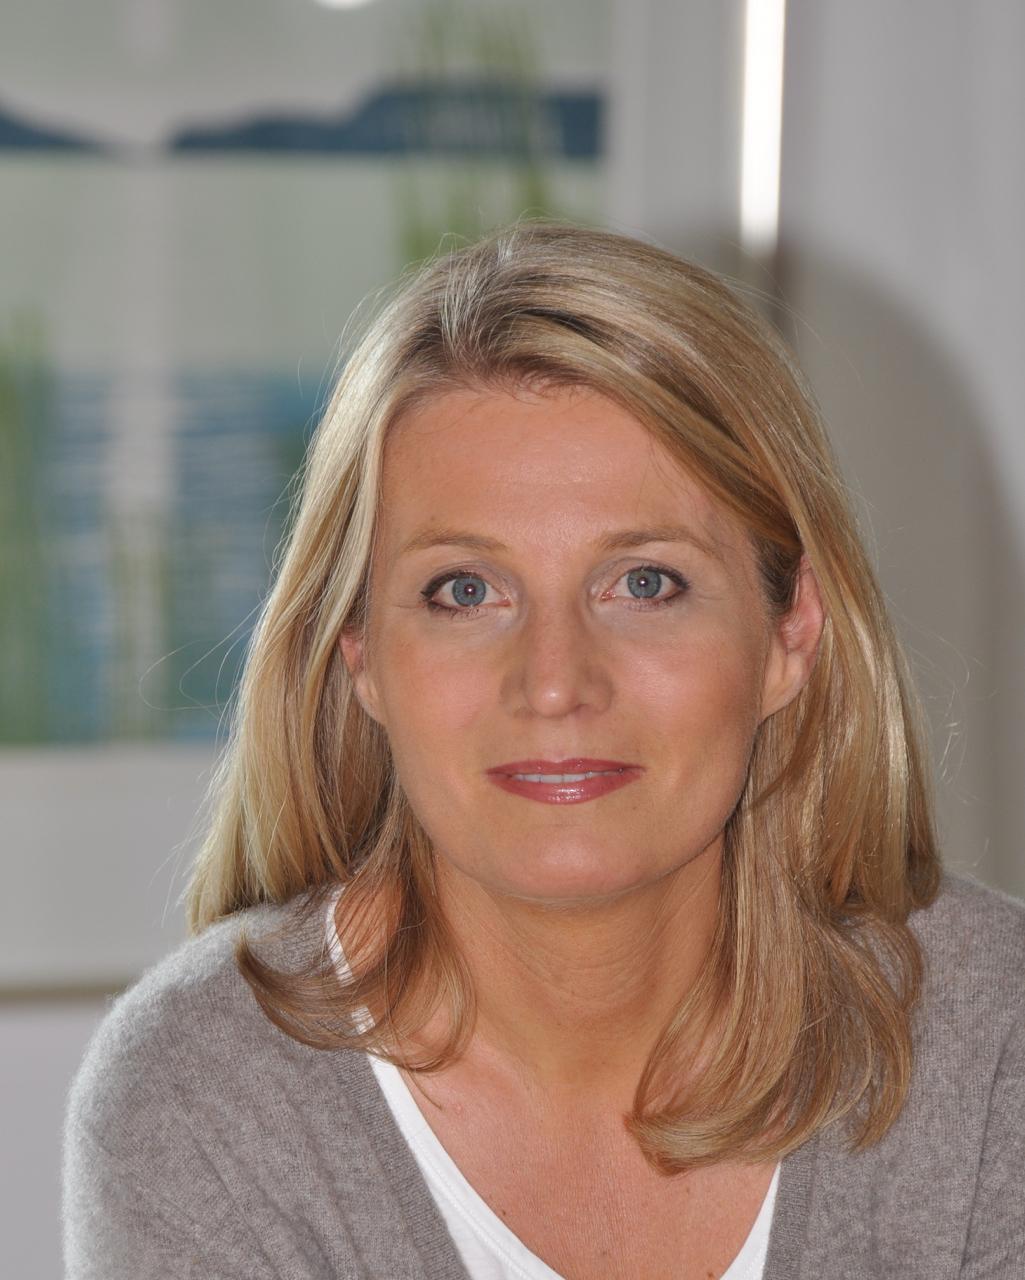 Ursula Schöller, Diätberatung, Stoffwechselzentrum, Abnehmen mit Ernährungsumstellung, Blutdruck, Cholesterinberatung, Hormonberatung, Vitalstoffanalyse,